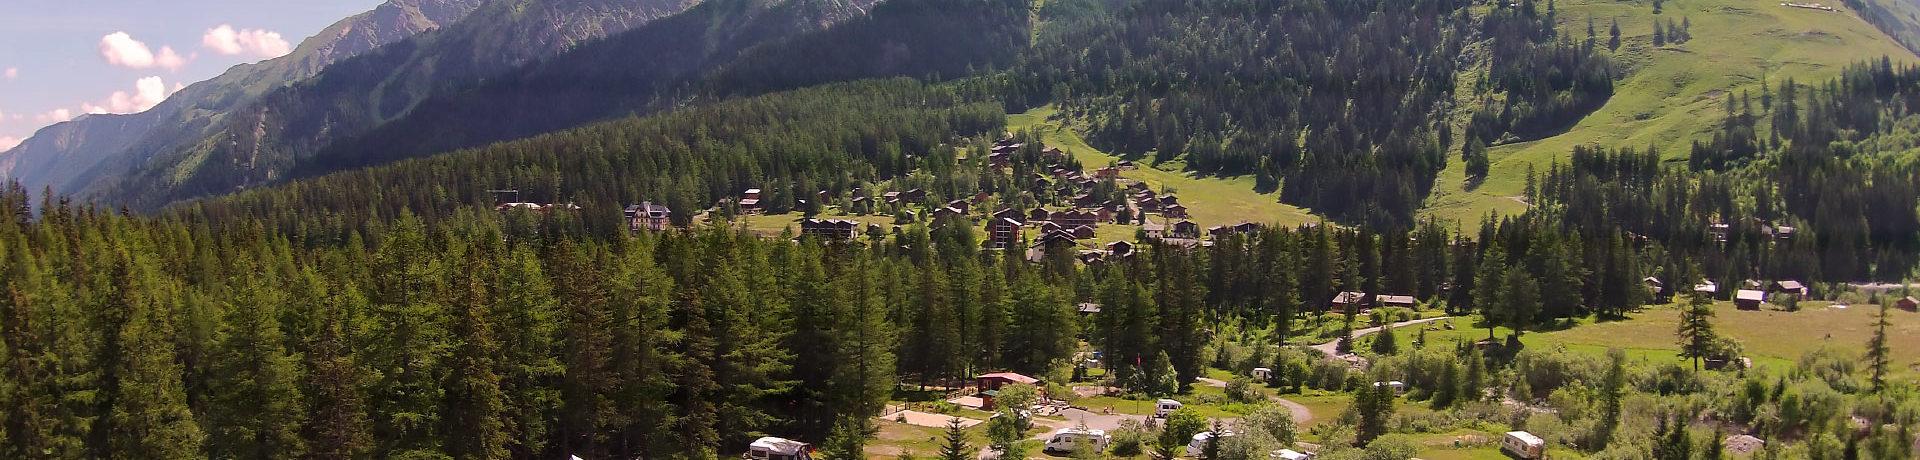 Camping Des Glaciers is een heerlijke natuurcamping in La Fouly in de bergen in Wallis in Zwitserland met 220 kampeerplaatsen en 7 huuraccommodaties.